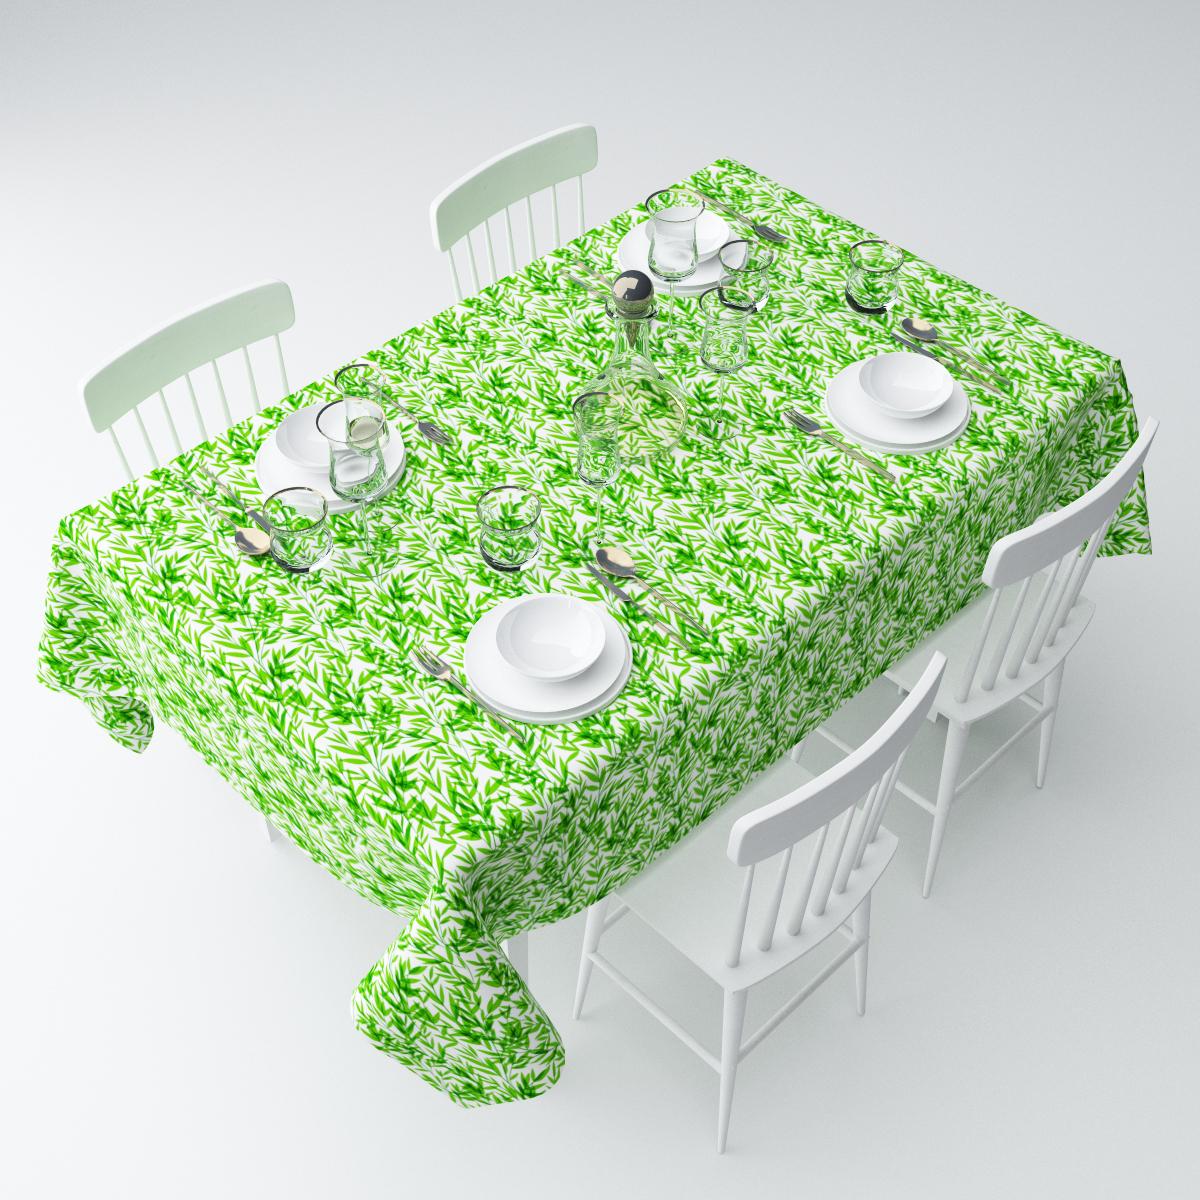 Скатерть Сирень Зеленые ветки, прямоугольная, 145 х 120 смСКГБ003-05636Прямоугольная скатерть Сирень Зеленые ветки, выполненная из габардина с ярким рисунком, преобразит вашу кухню, визуально расширит пространство, создаст атмосферу радости и комфорта. Рекомендации по уходу: стирка при 30 градусах, гладить при температуре до 110 градусов.Размер скатерти: 145 х 120 см. Изображение может немного отличаться от реального.